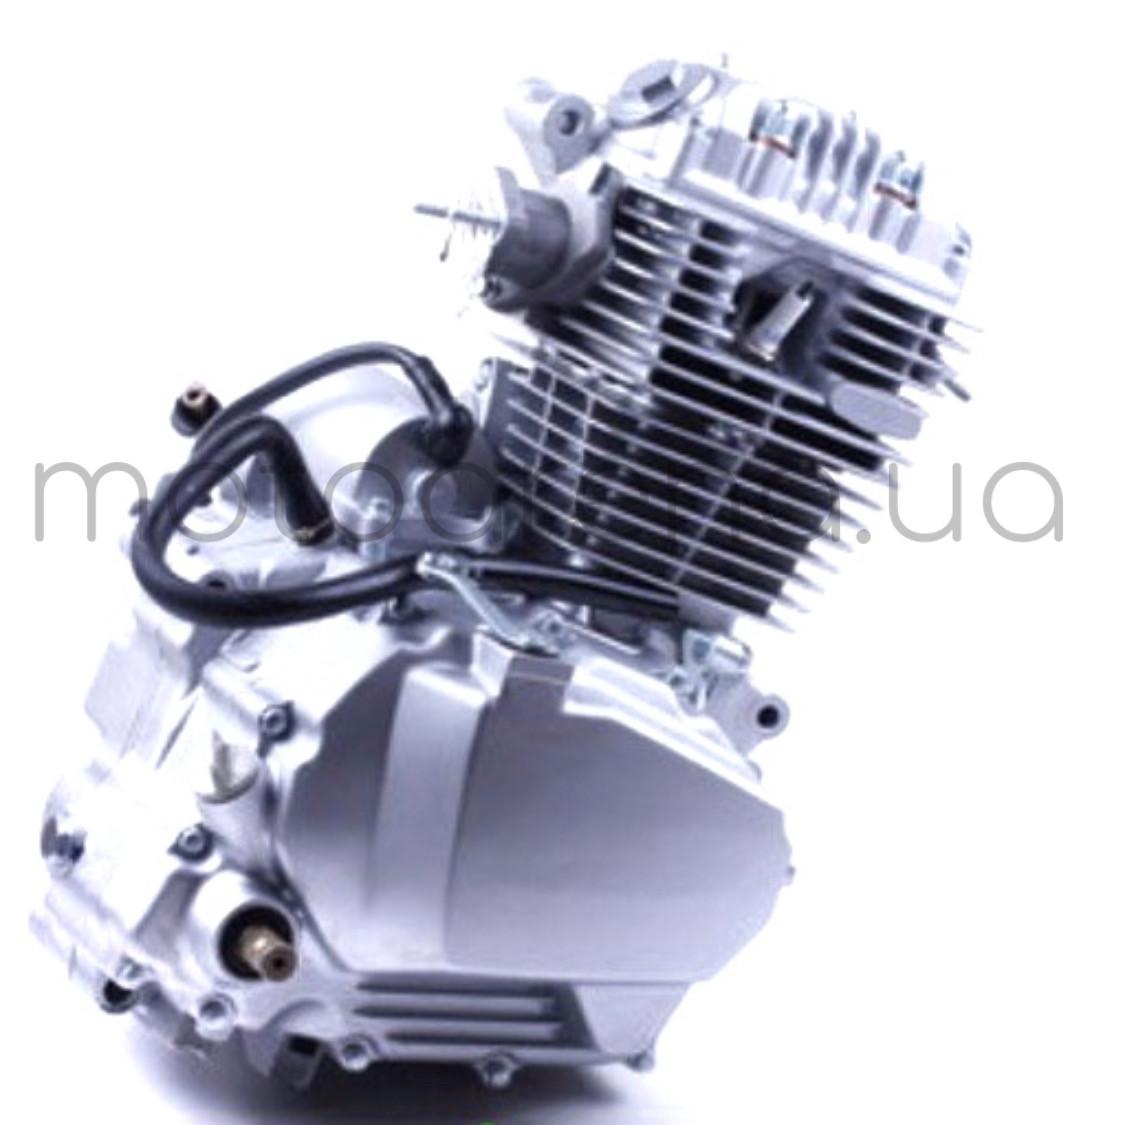 Двигатель СВ 200 СС Минск/Вайпер 200 j